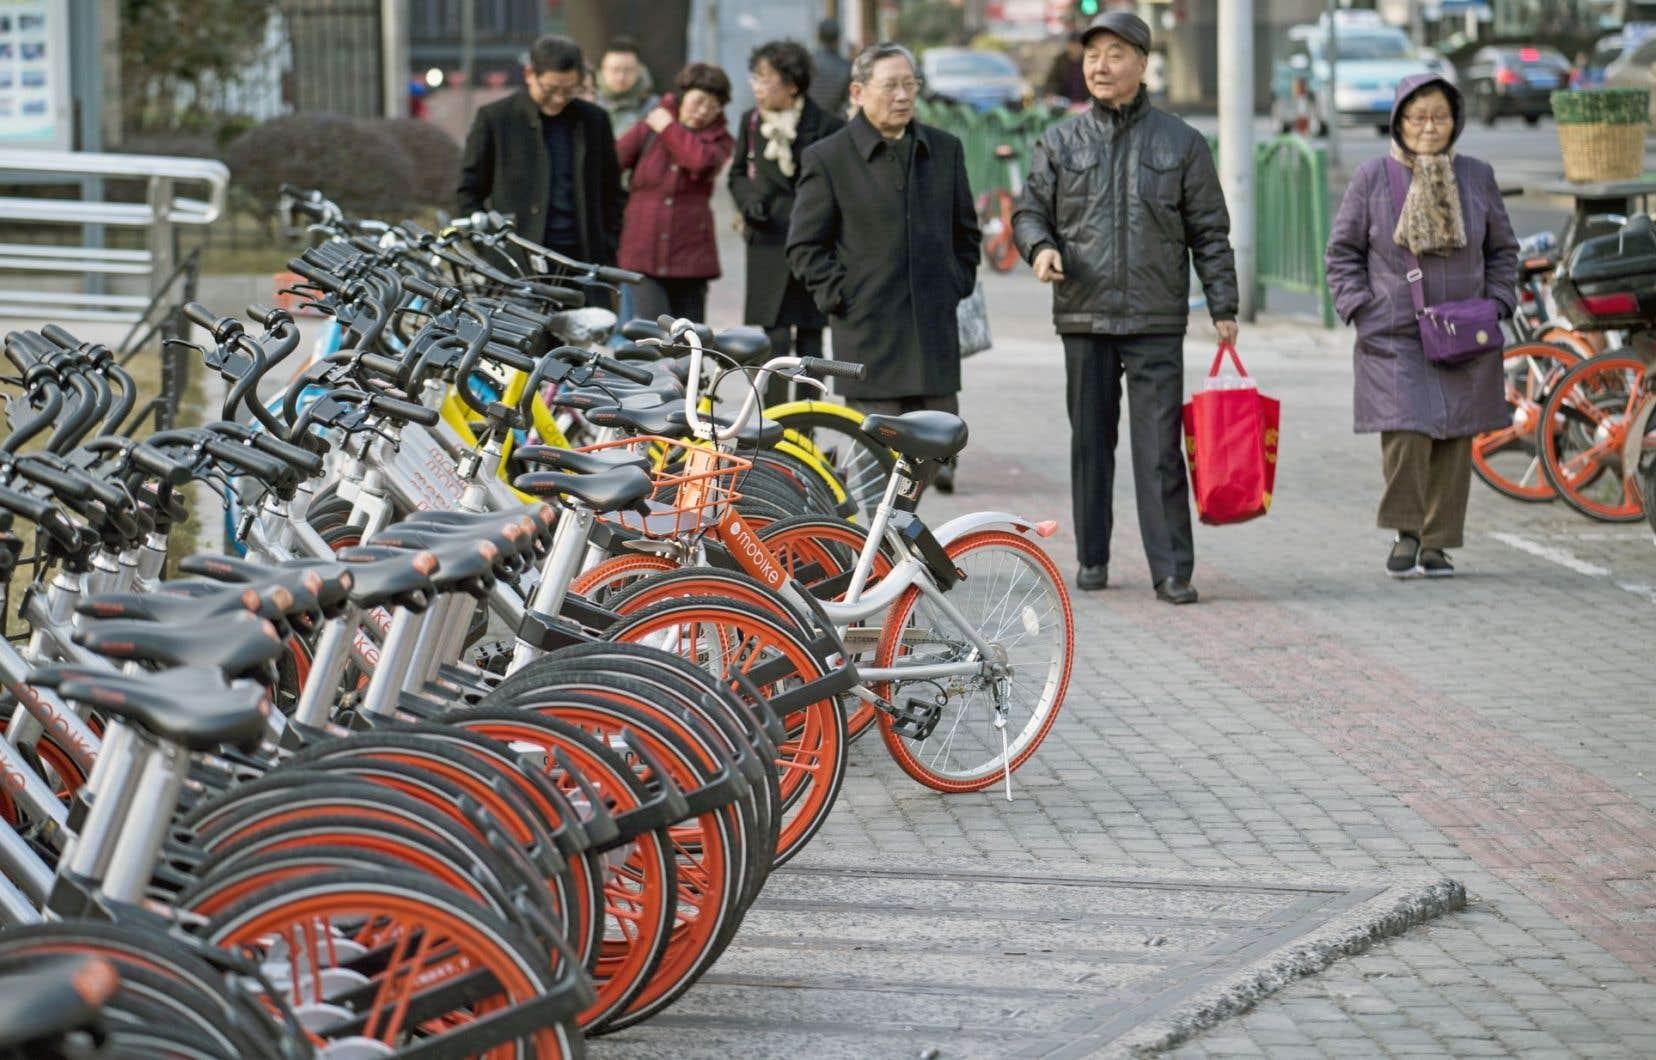 Des vélos aux couleurs des entreprises Mobike et Ofo sont stationnés dans une rue de Shanghai, en Chine.